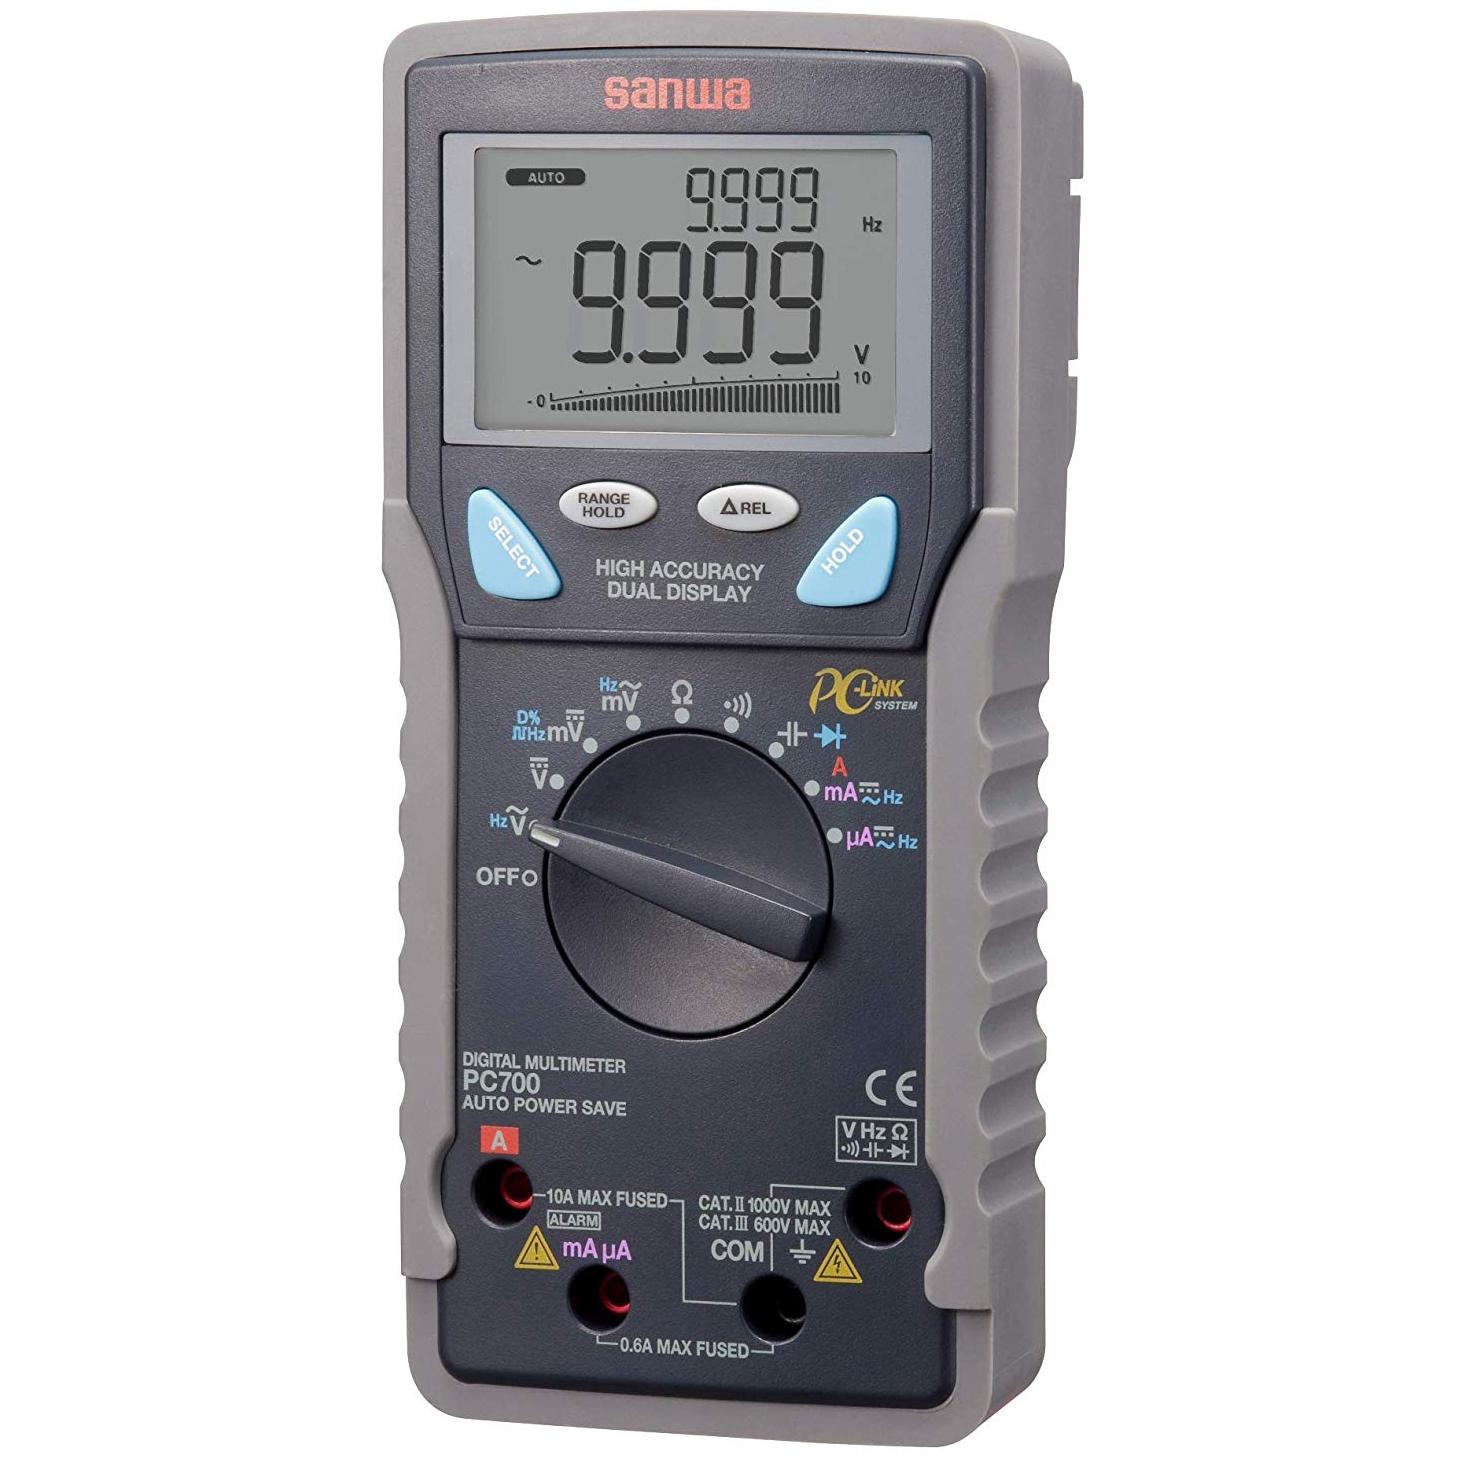 FMUSER SANWA PC700 Multímetro digital inteligente avanzado Protección completa contra sobrecarga para la comunicación con PC